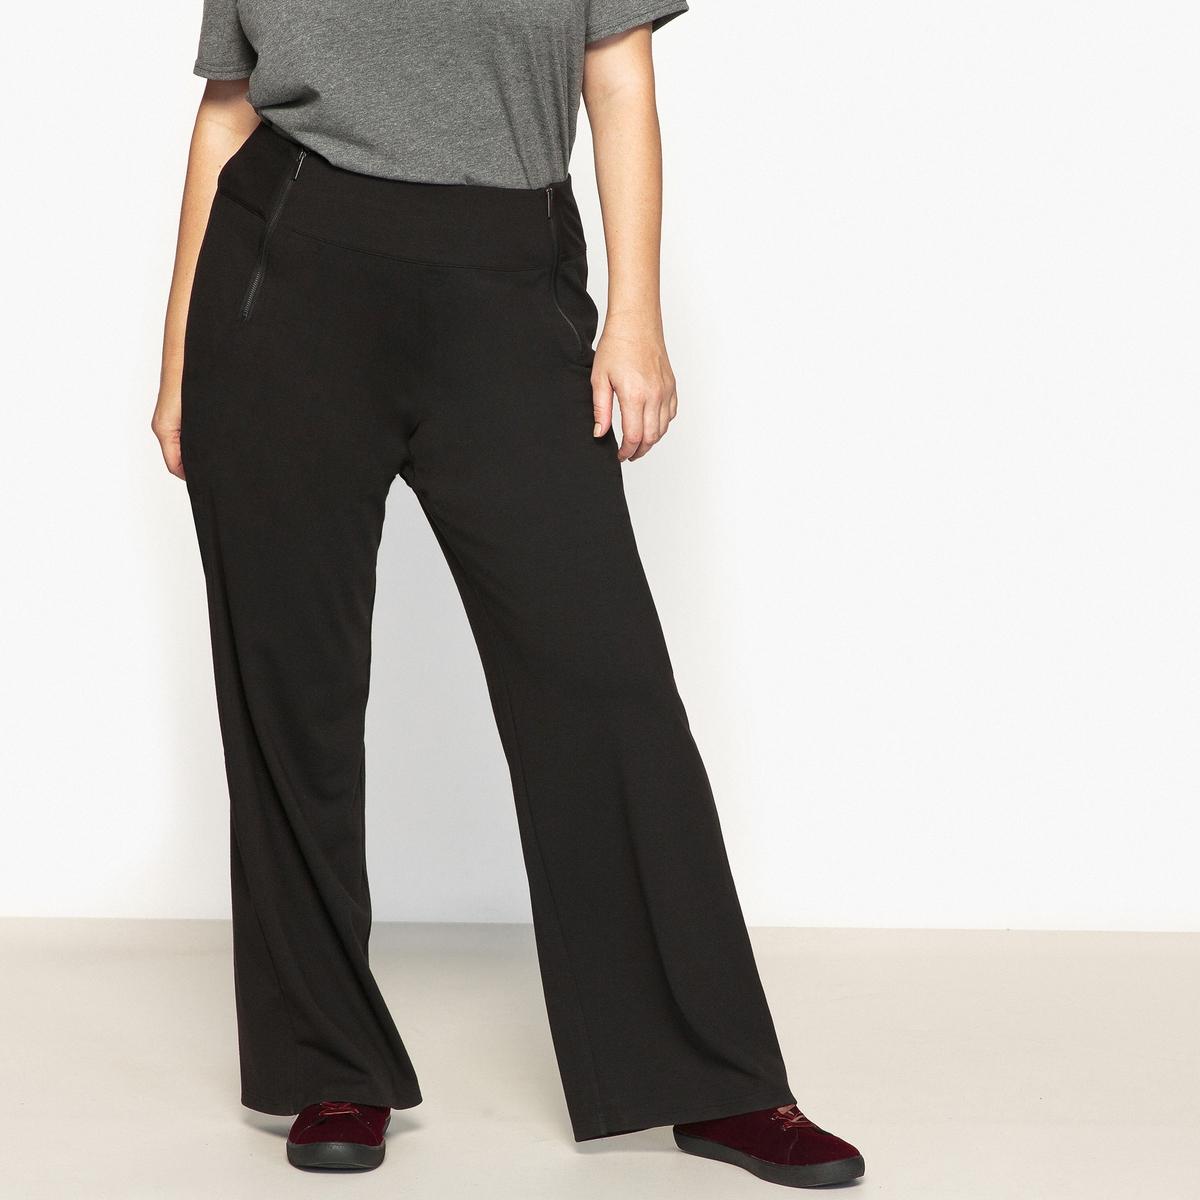 Брюки широкого покроя из плотного трикотажаОписание:Очень стильные трикотажные брюки широкого покроя очень приятны в носке. Широкий плоский пояс и молнии спереди.Детали •  Широкий покрой   •  Высокий пояс  •  Эластичный поясСостав и уход • 75% вискозы, 5% эластана, 20% полиэстера   •  Температура стирки при 30° на деликатном режиме   •  Сухая чистка и отбеливание запрещены •  Не использовать барабанную сушку   •  Низкая температура глажки Товар из коллекции больших размеров •  Длина по внутр.шву 81 см, ширина по низу 32 см<br><br>Цвет: черный<br>Размер: 48 (FR) - 54 (RUS).46 (FR) - 52 (RUS).42 (FR) - 48 (RUS).52 (FR) - 58 (RUS)